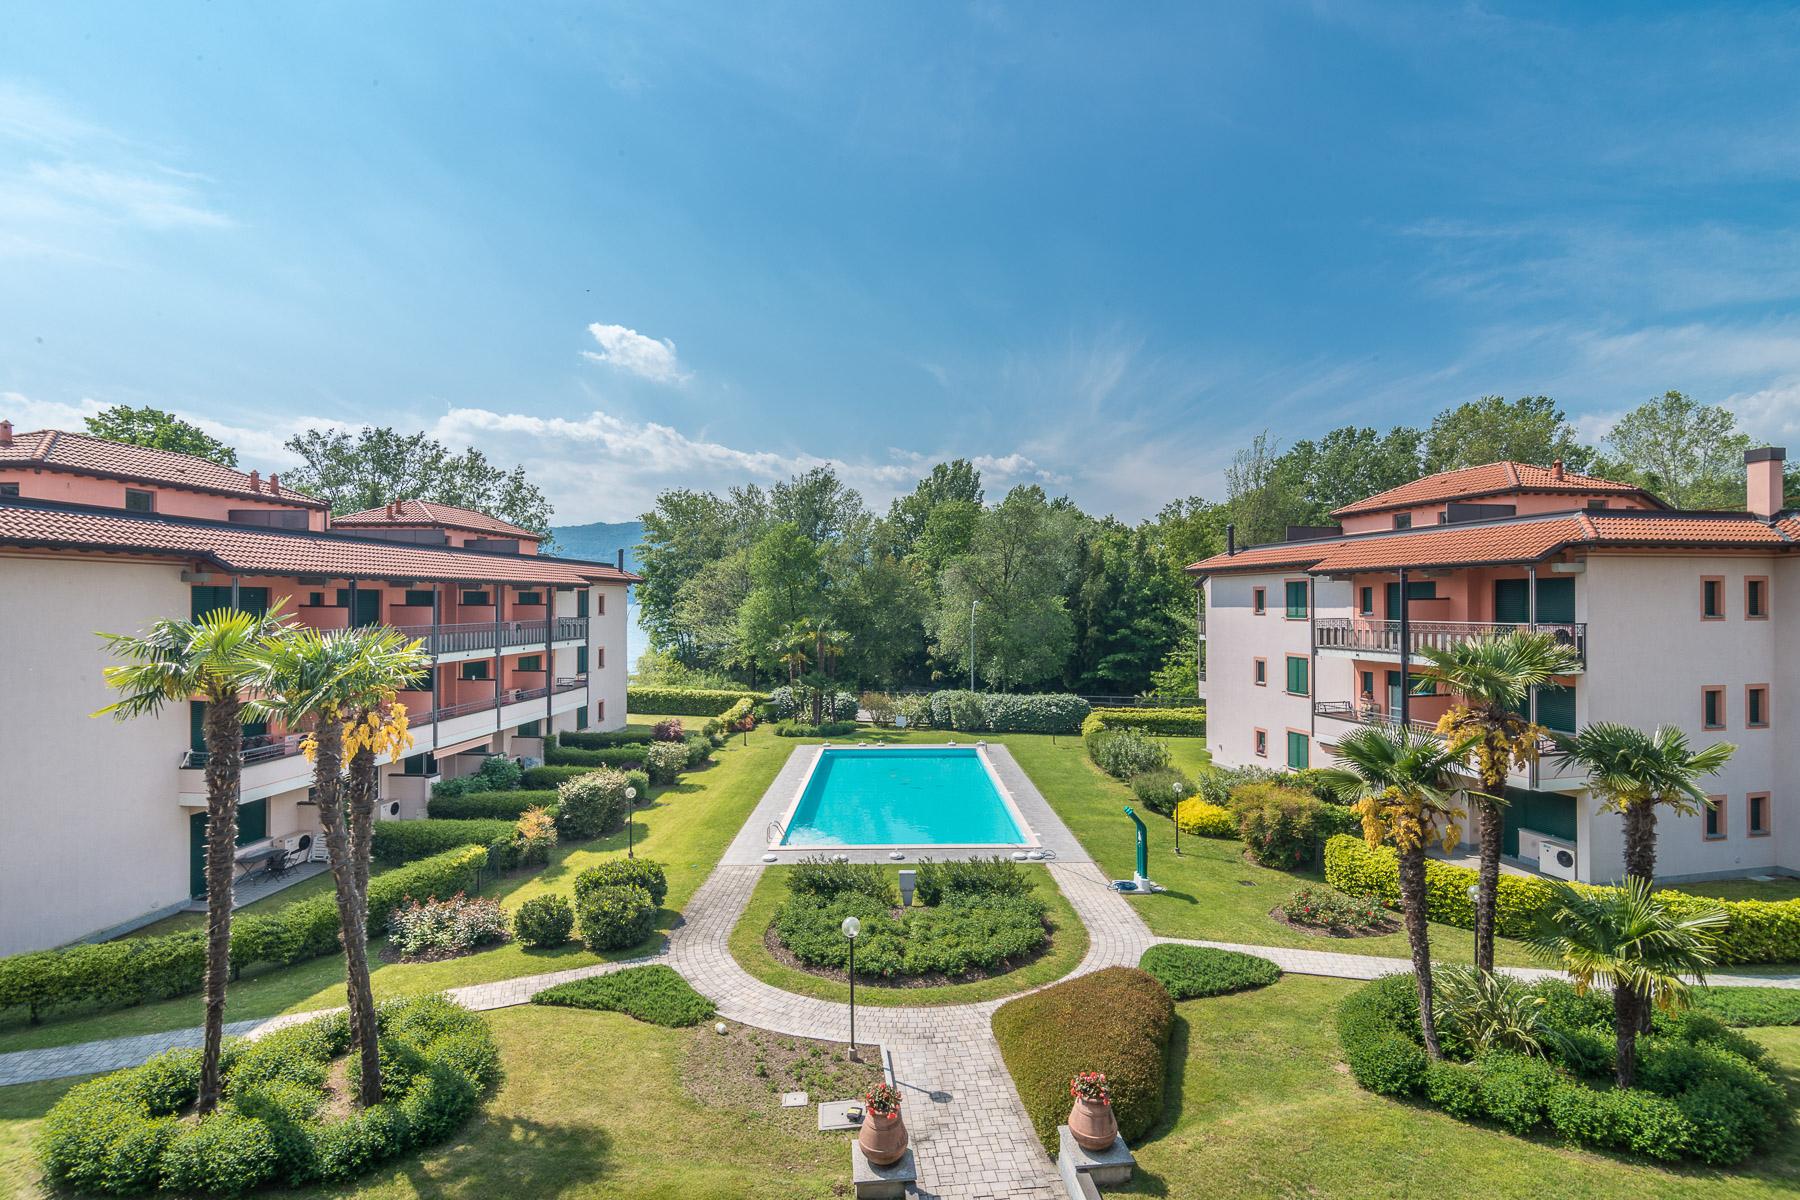 Appartamento in Vendita a Leggiuno: 3 locali, 70 mq